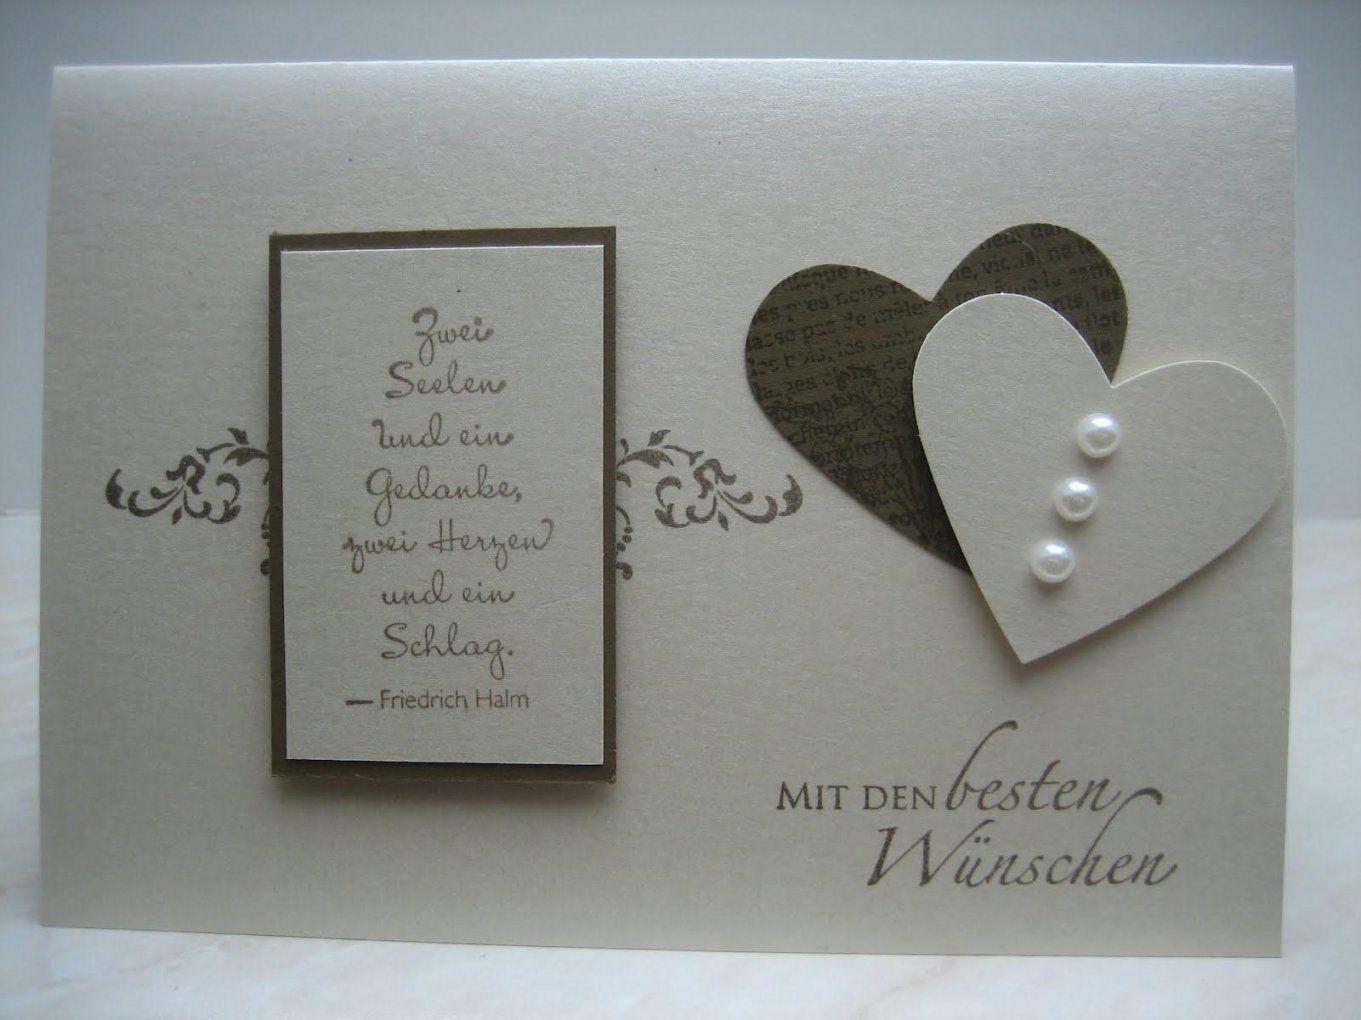 Hochzeitskarten Selber Basteln  Jjhastain von Hochzeitskarten Selber Basteln Ideen Bild